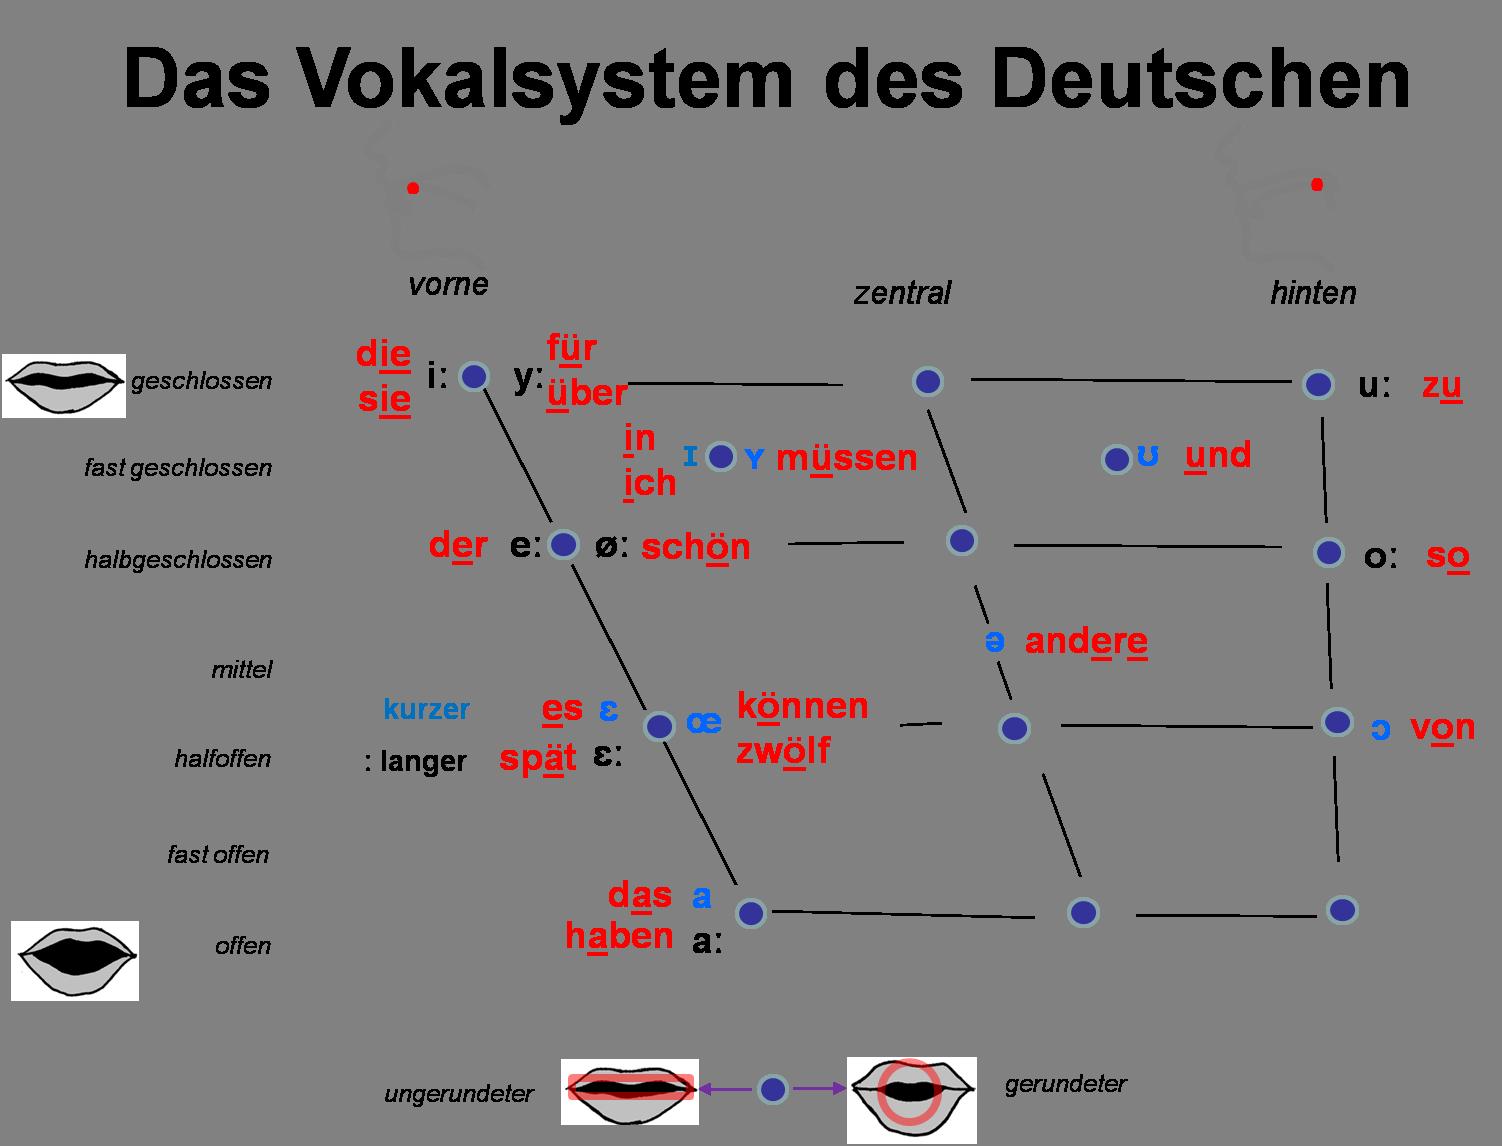 Das vokalsystem des deutschen internationales phonetisches das vokalsystem des deutschen internationales phonetisches alphabet german vowels phonetics international phonetic buycottarizona